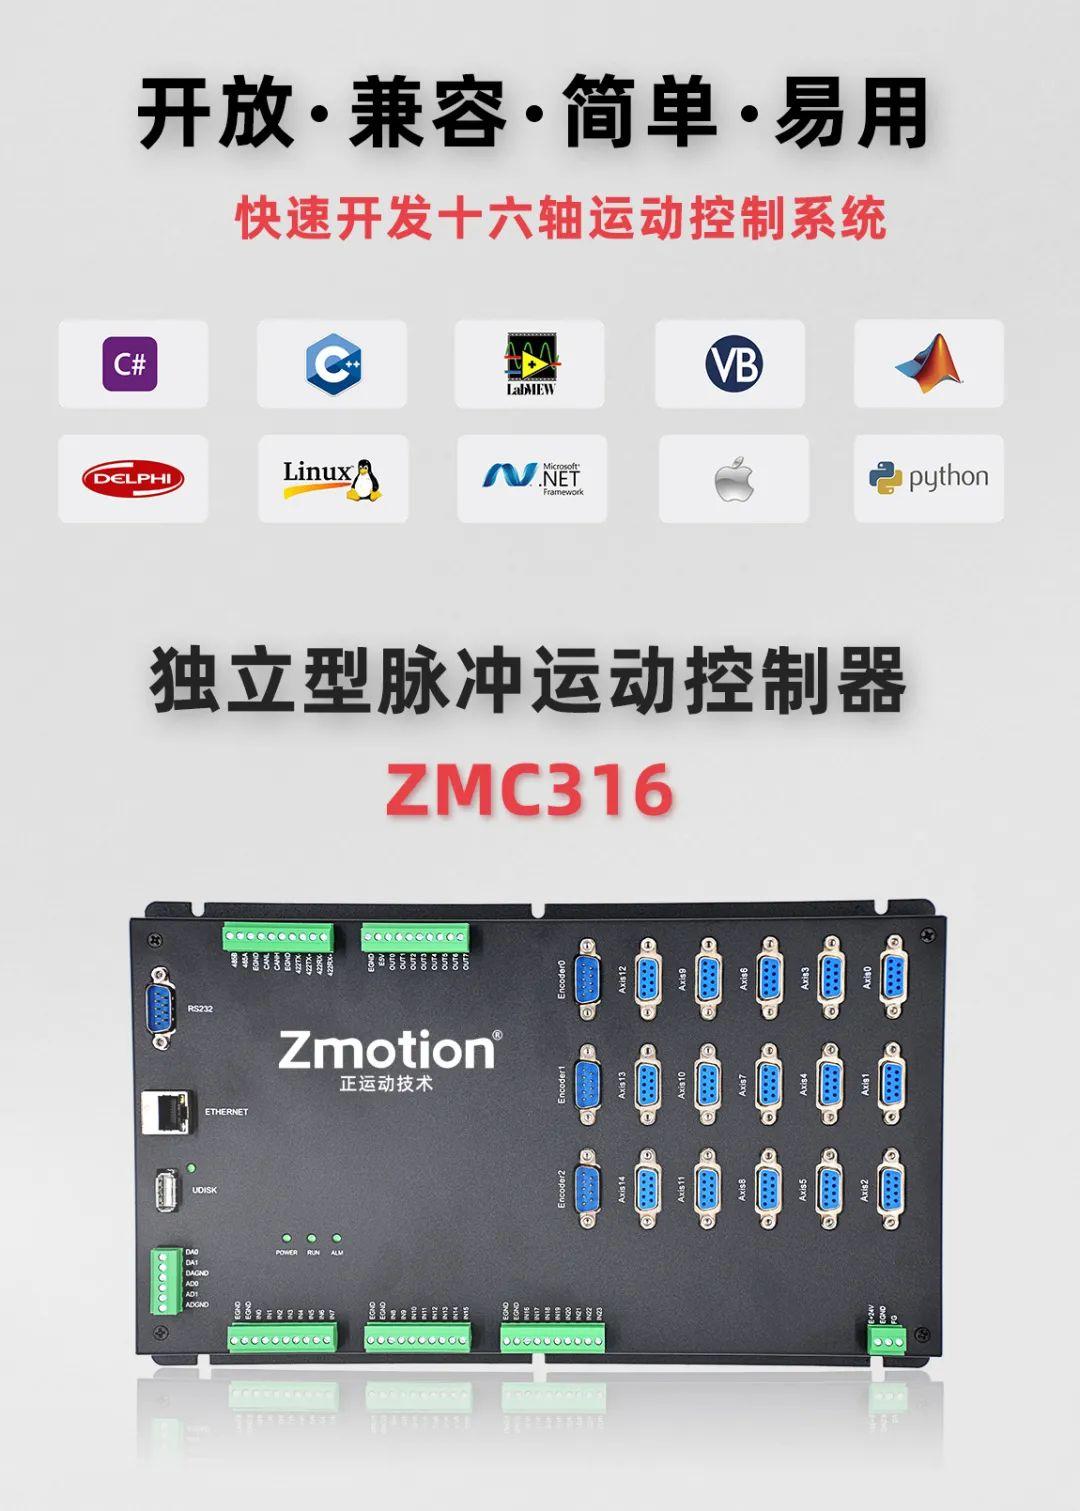 正运动技术运动控制器自定义通讯